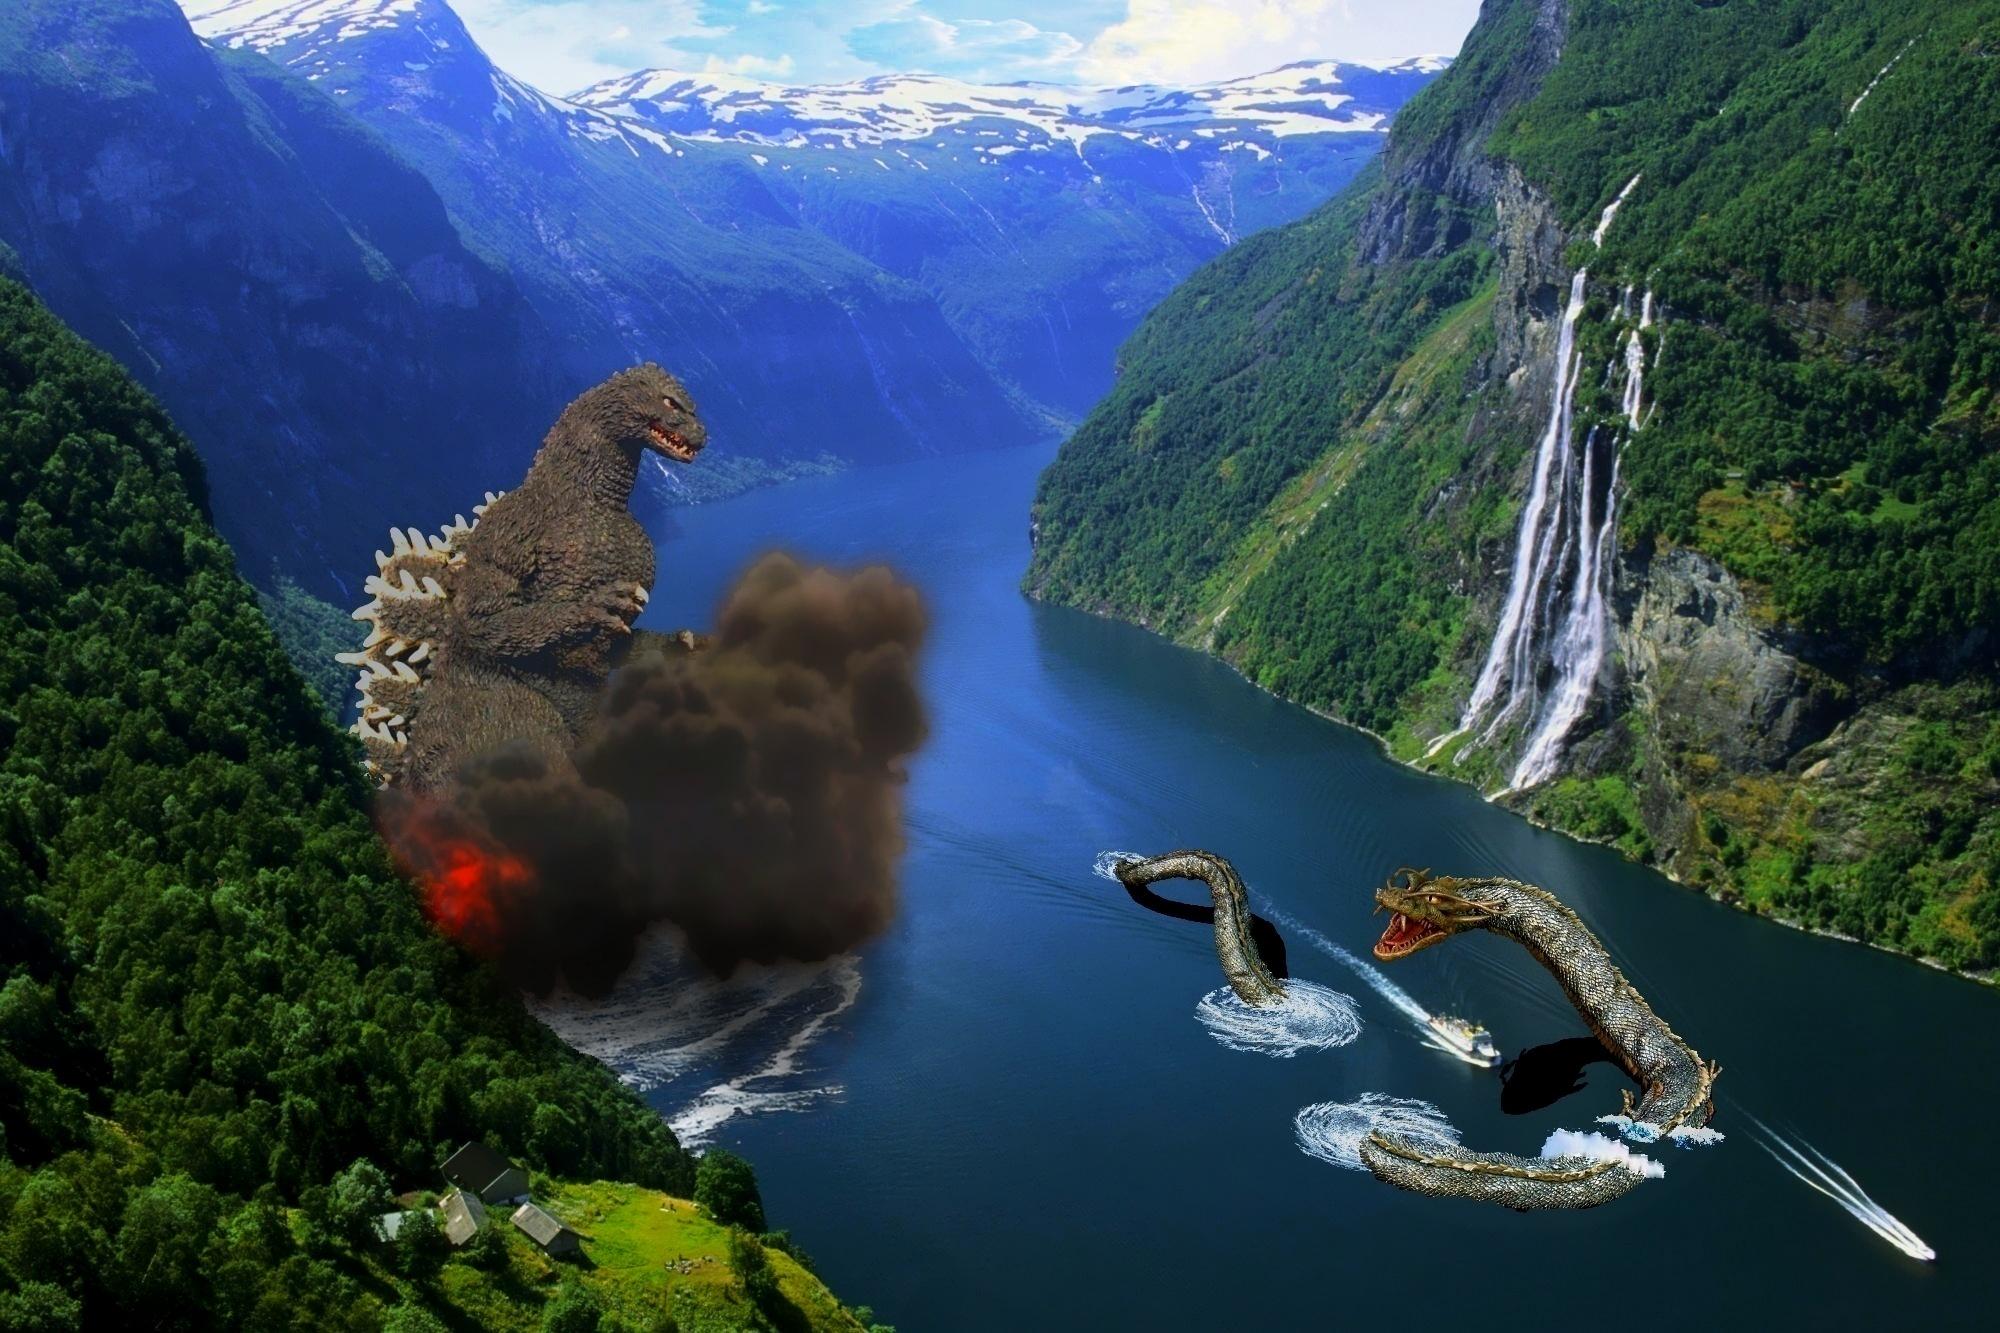 wallpaper godzilla monster dinosaur - photo #36